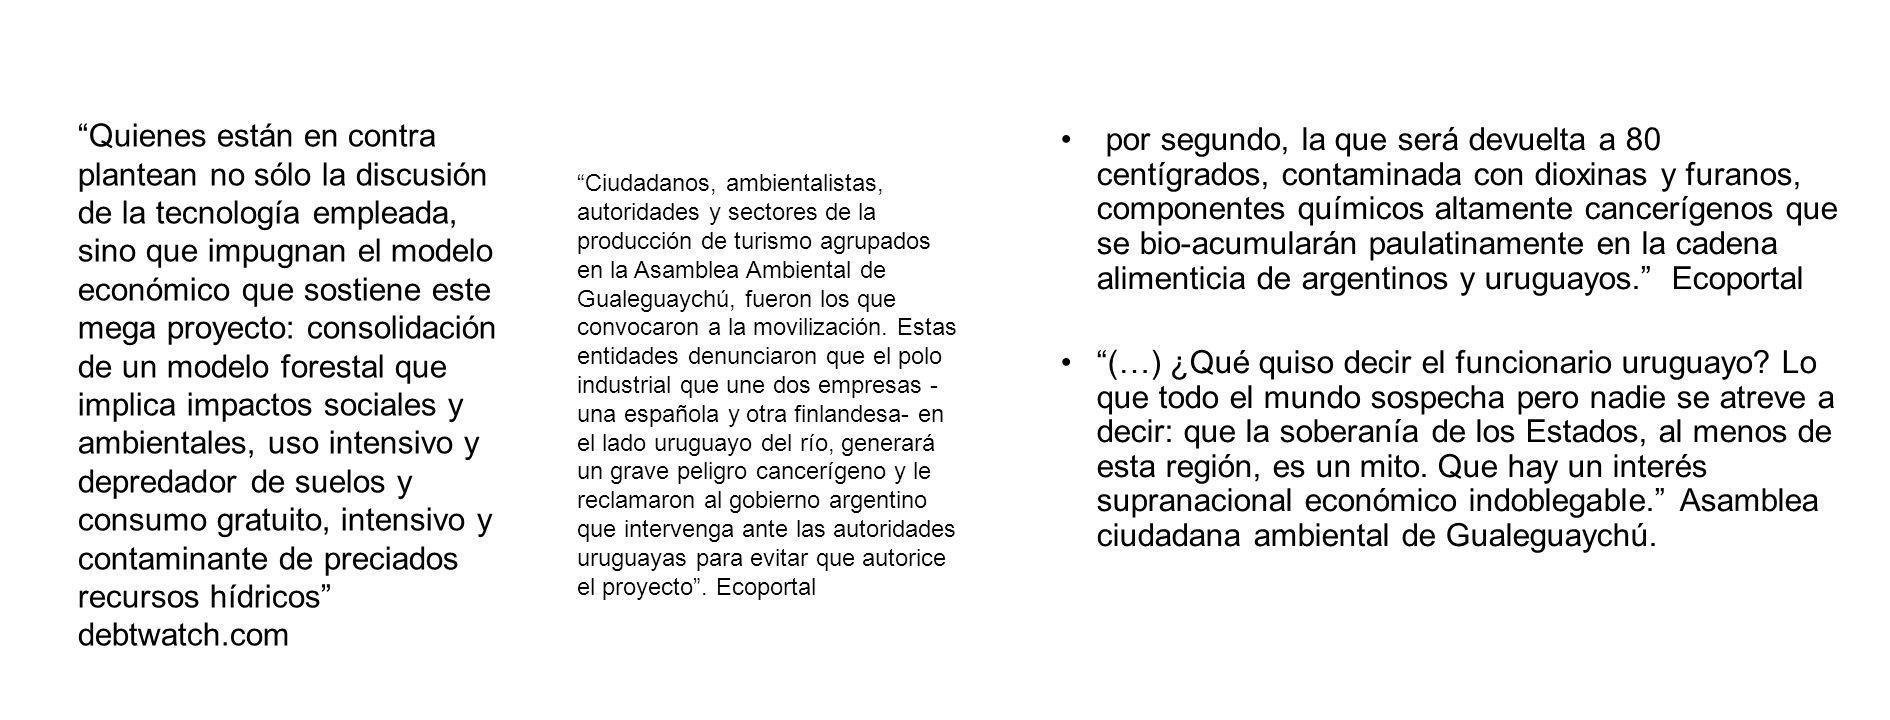 por segundo, la que será devuelta a 80 centígrados, contaminada con dioxinas y furanos, componentes químicos altamente cancerígenos que se bio-acumularán paulatinamente en la cadena alimenticia de argentinos y uruguayos.